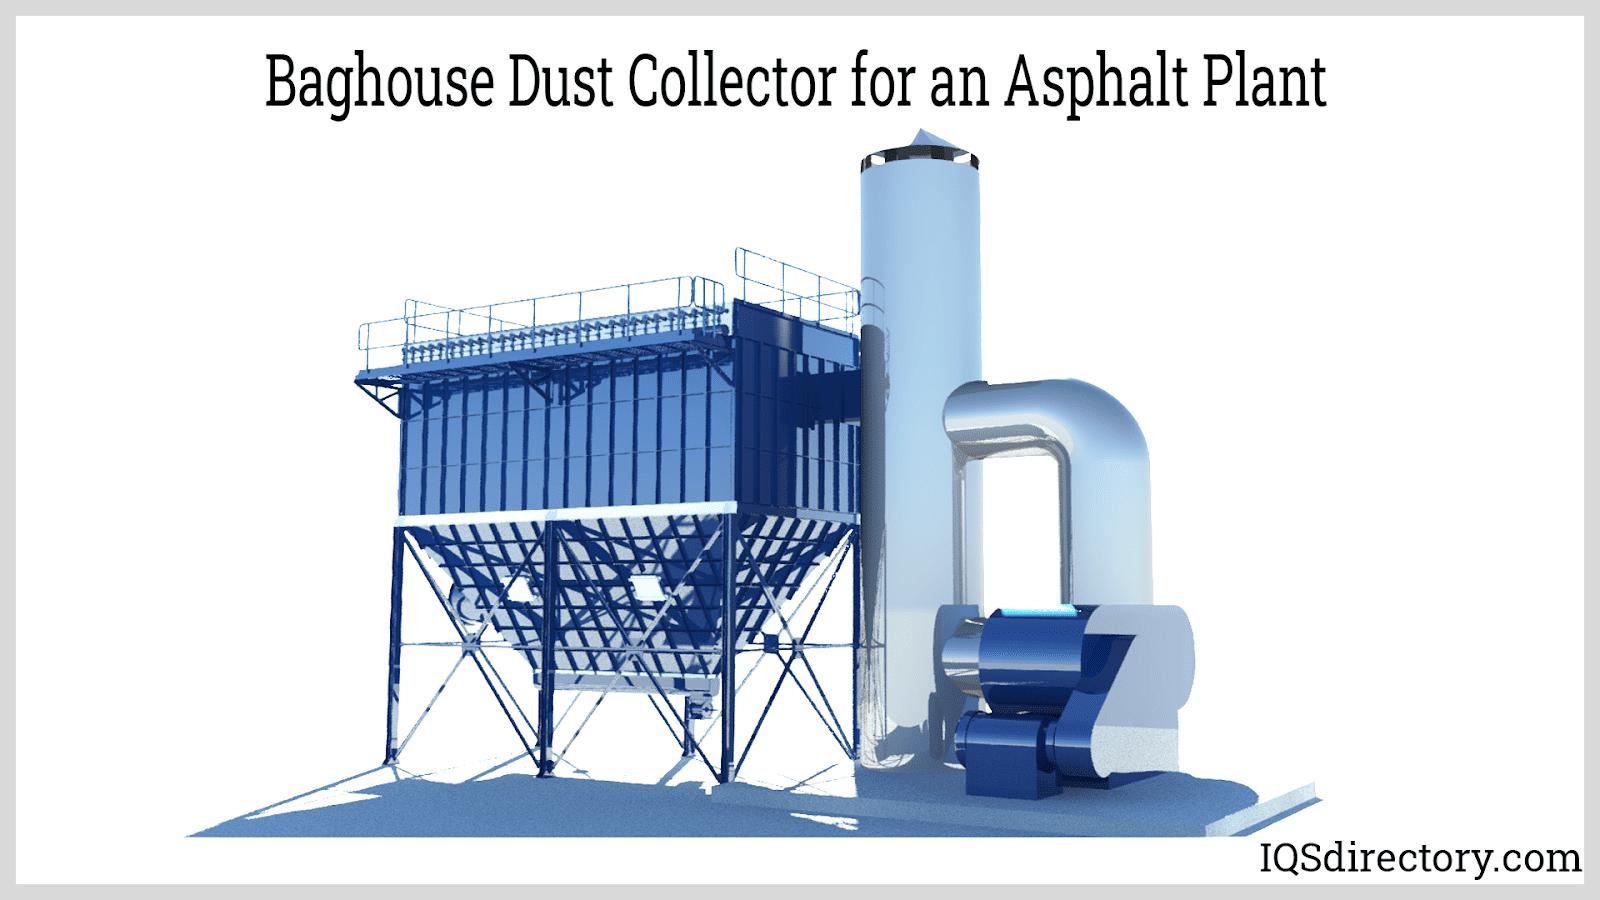 Baghouse Dust Collector for an Asphalt Plant